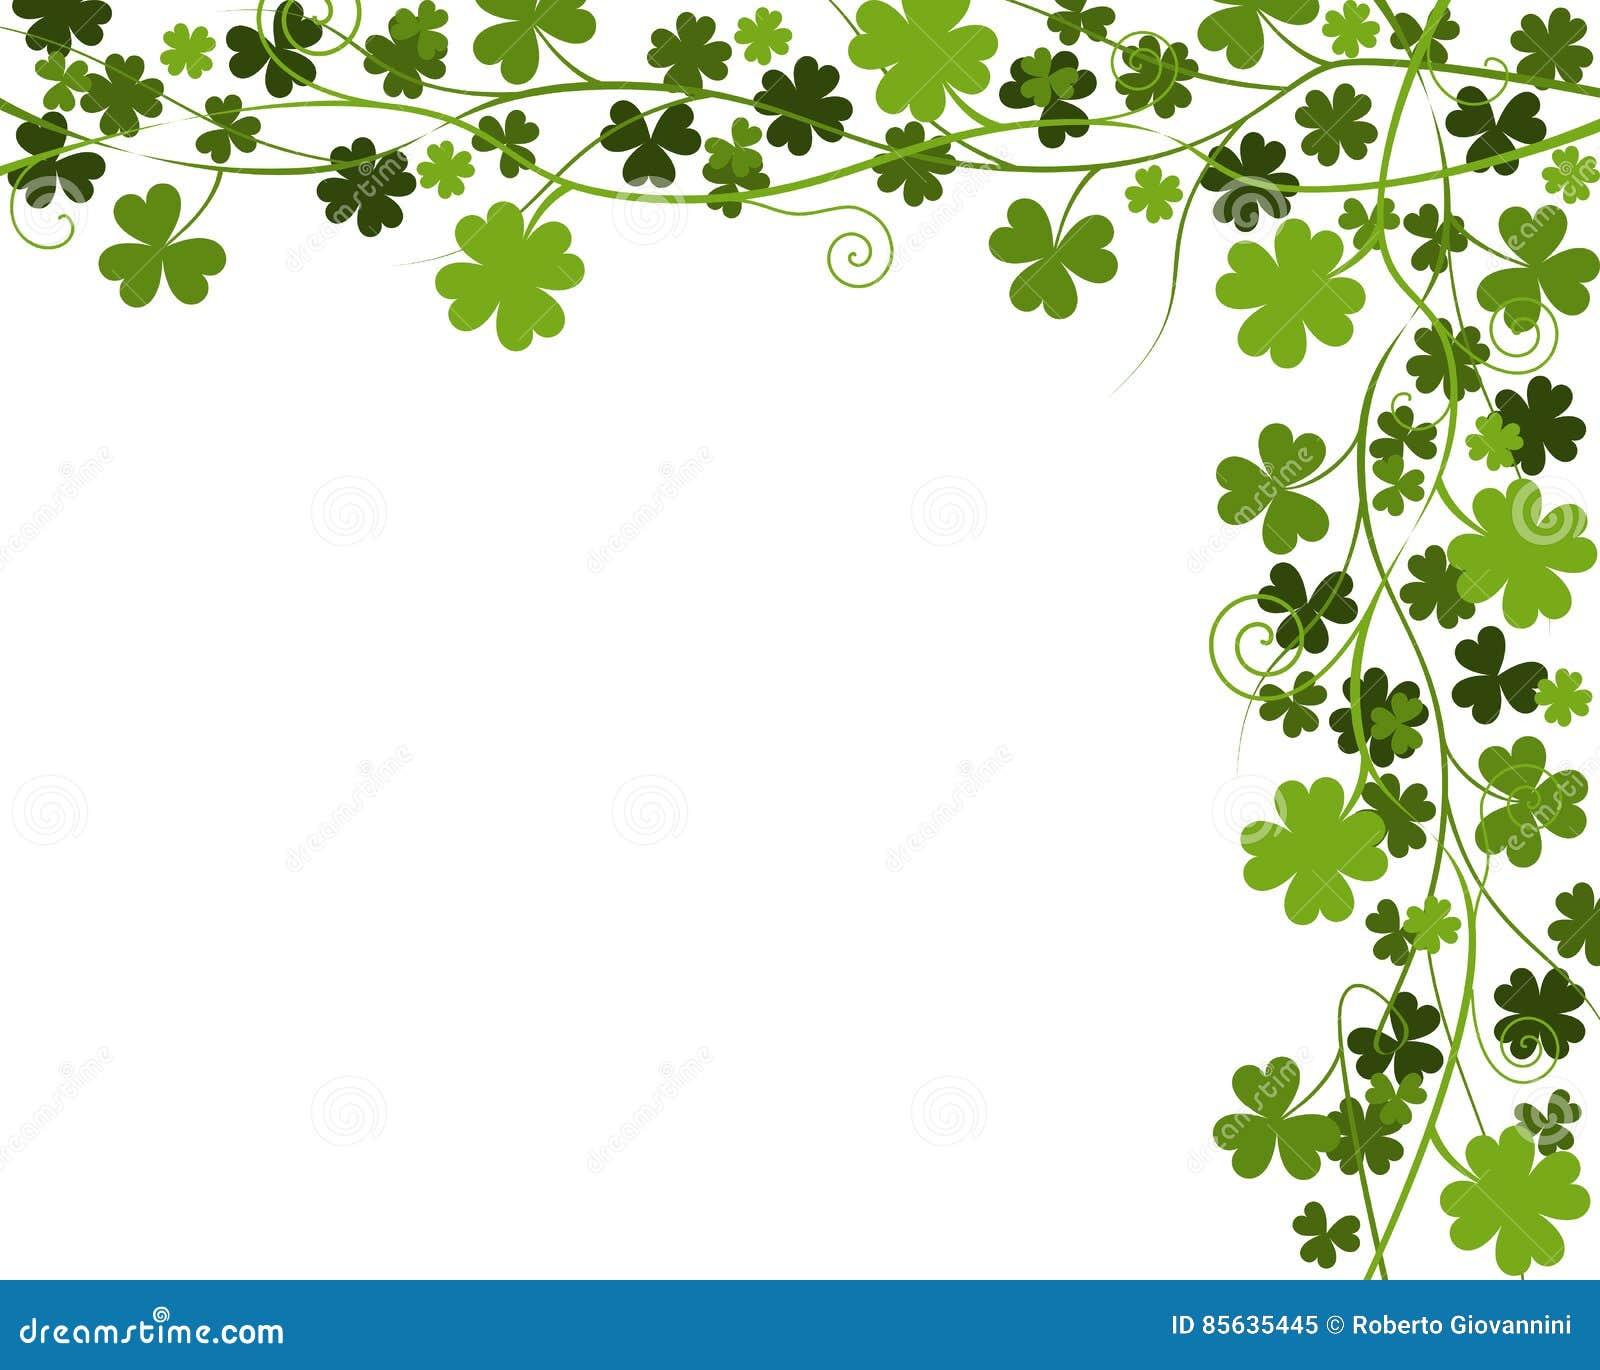 Shamrock Four Leaf Clover Border An Elegant Made Of Green Shamrocks And